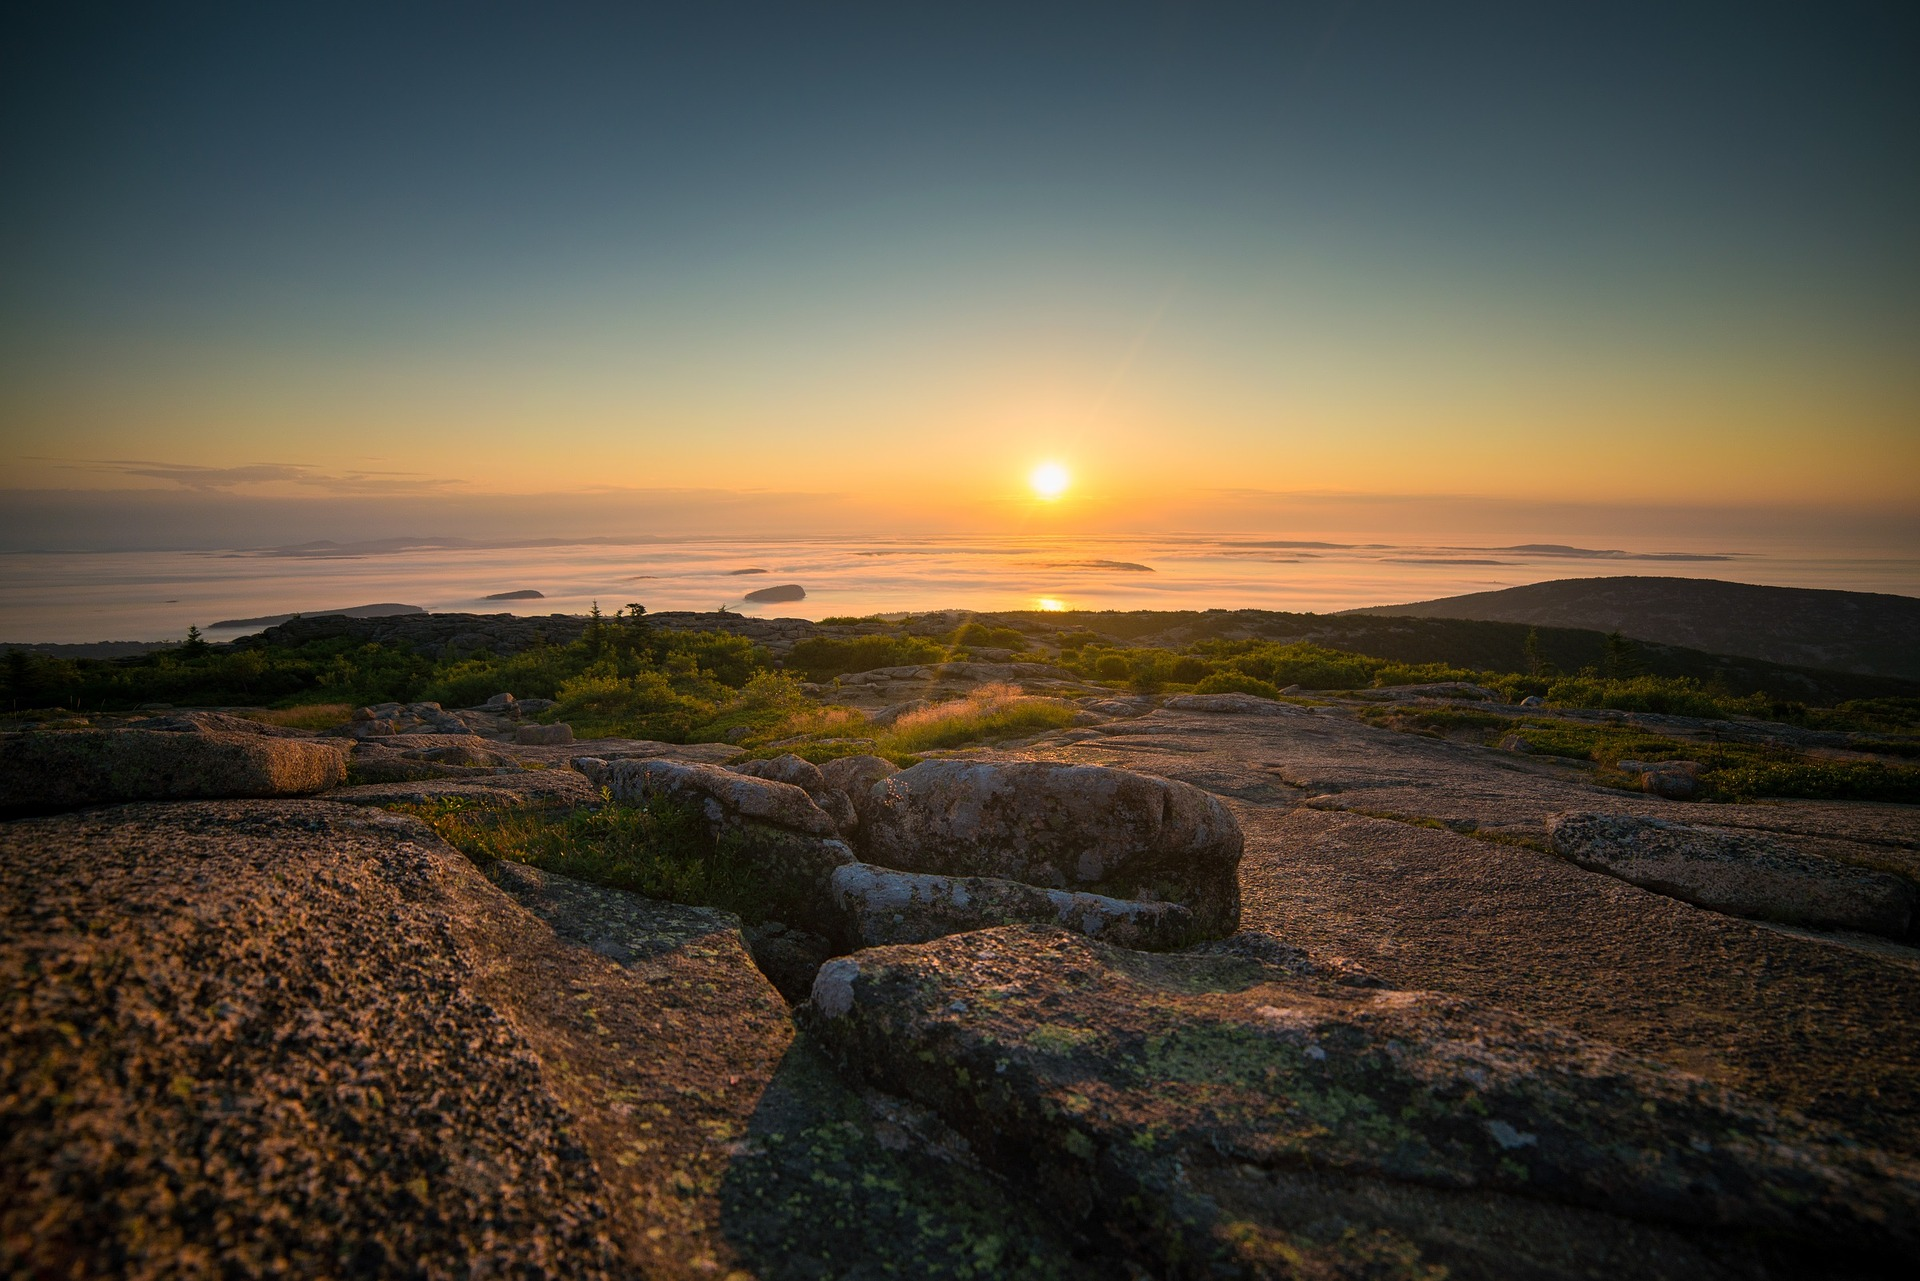 sunrise-2074431_1920